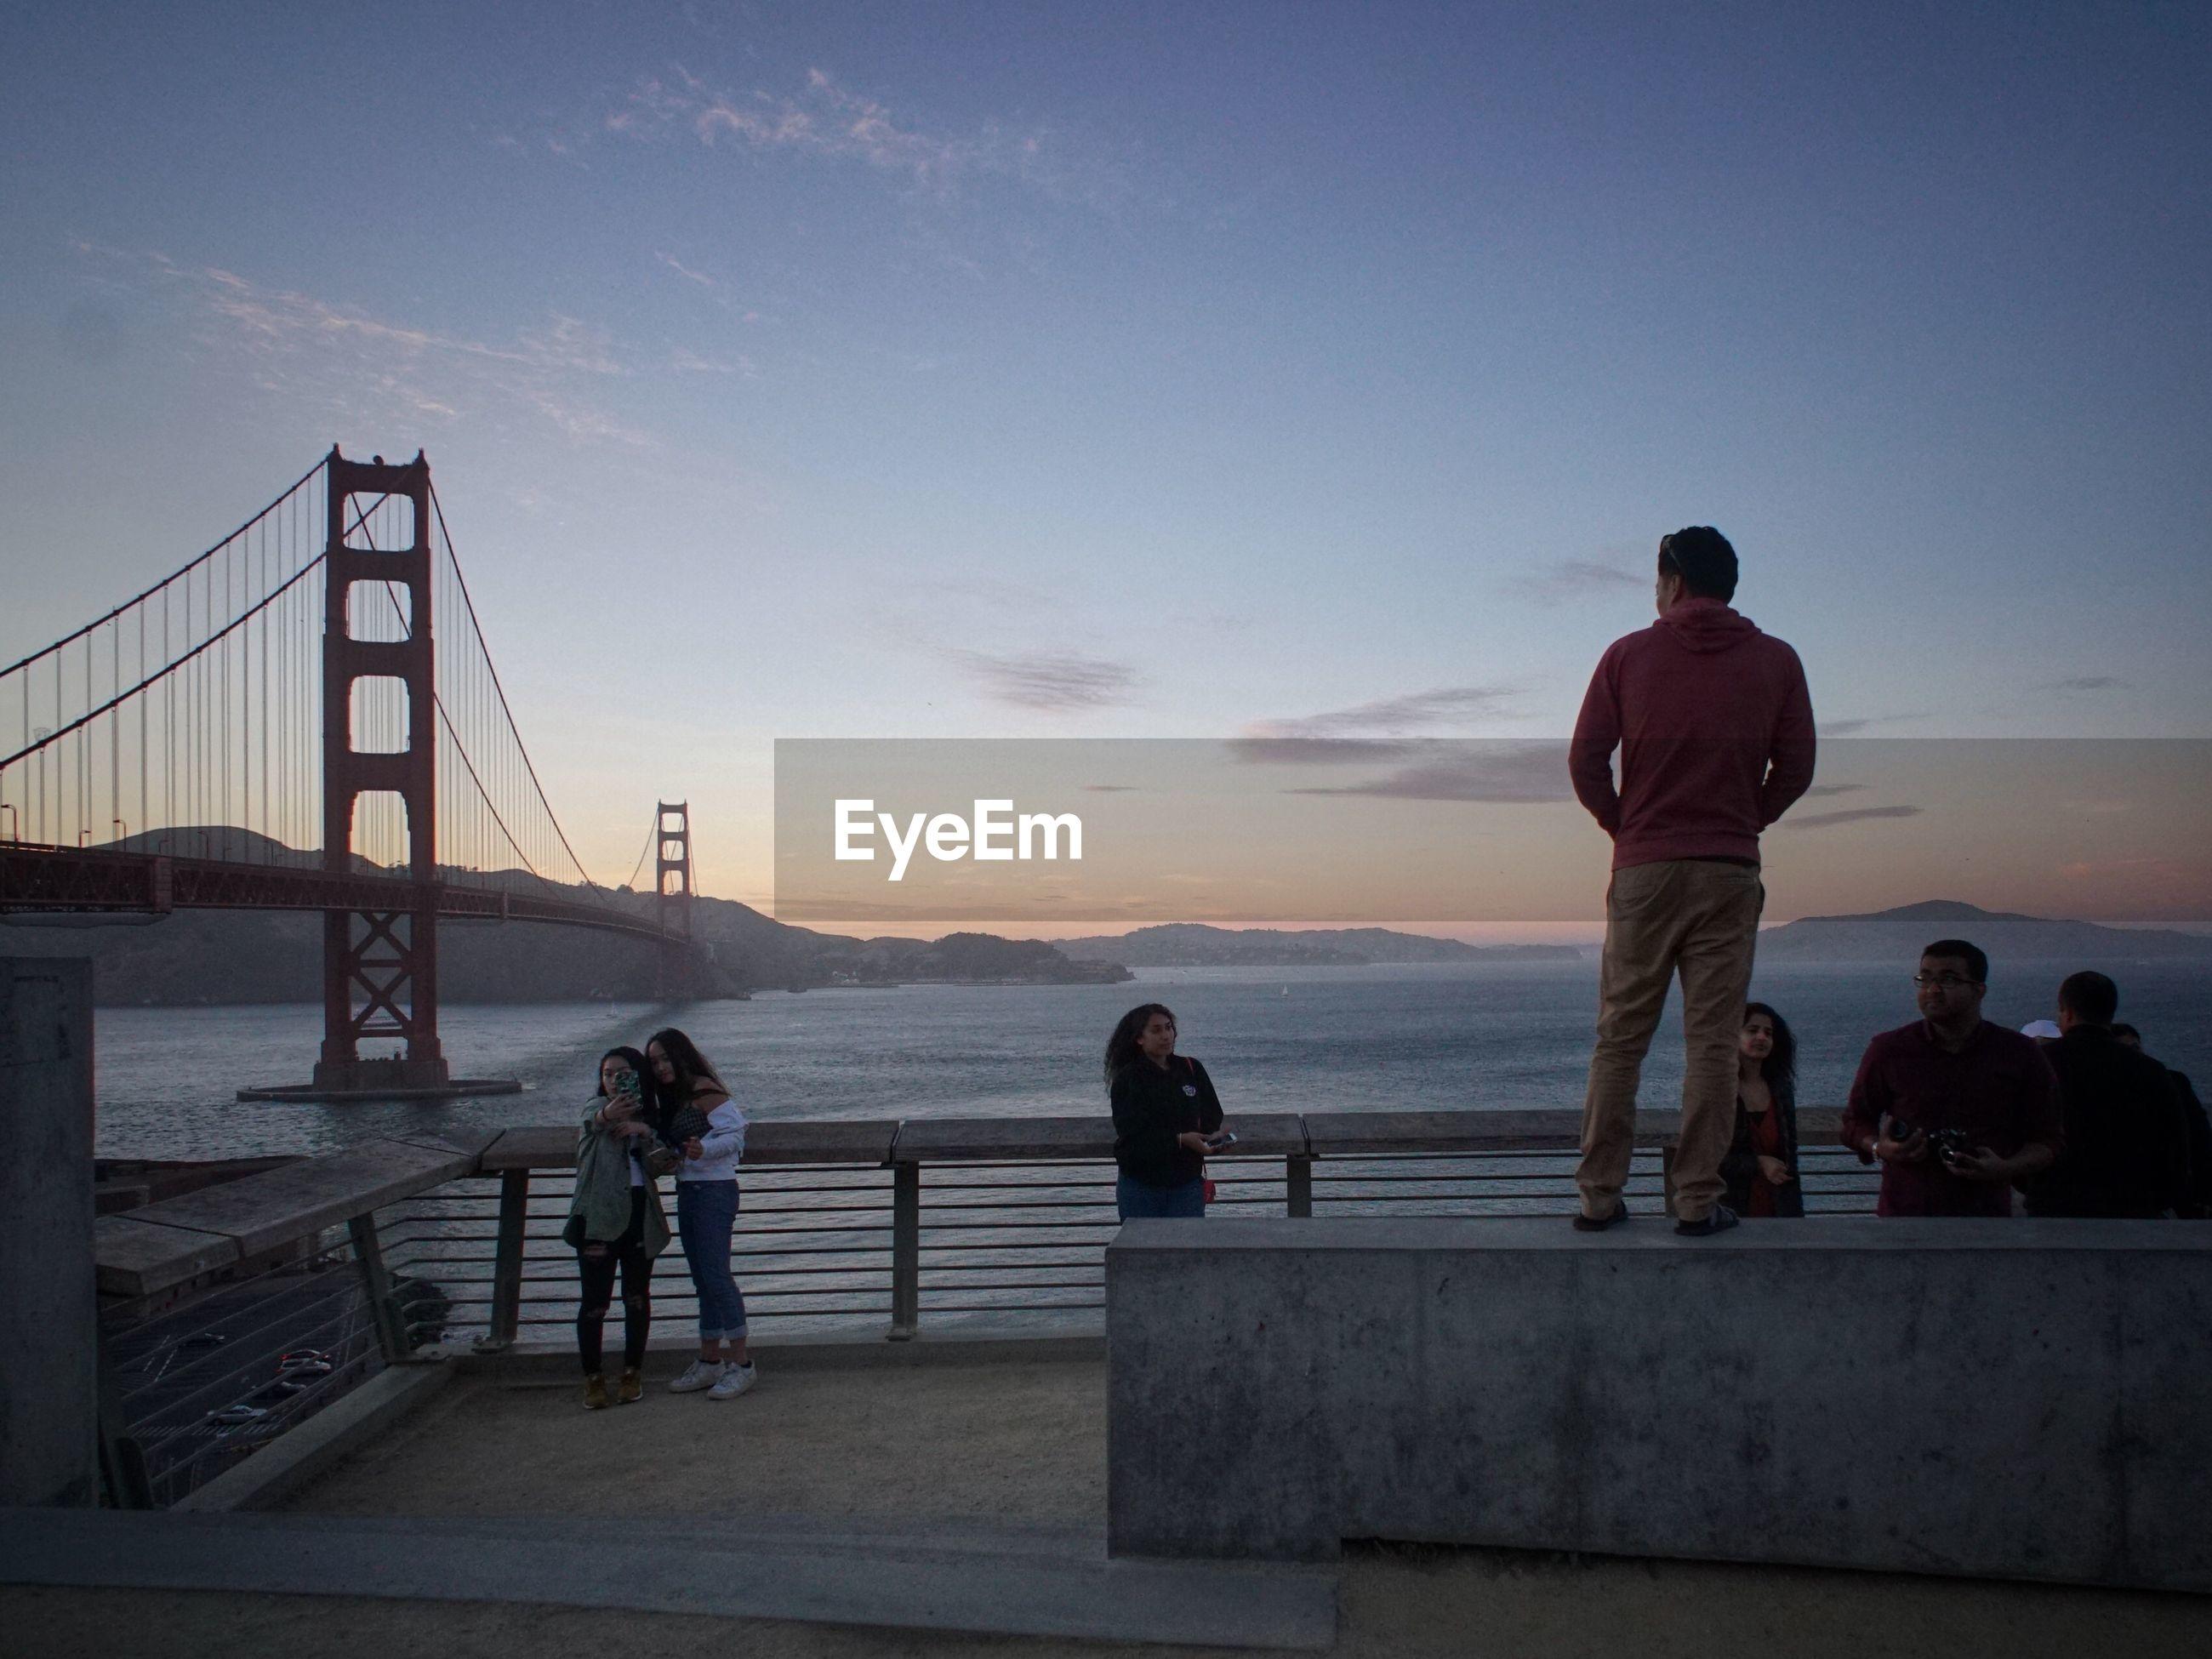 PEOPLE ON SUSPENSION BRIDGE OVER SEA